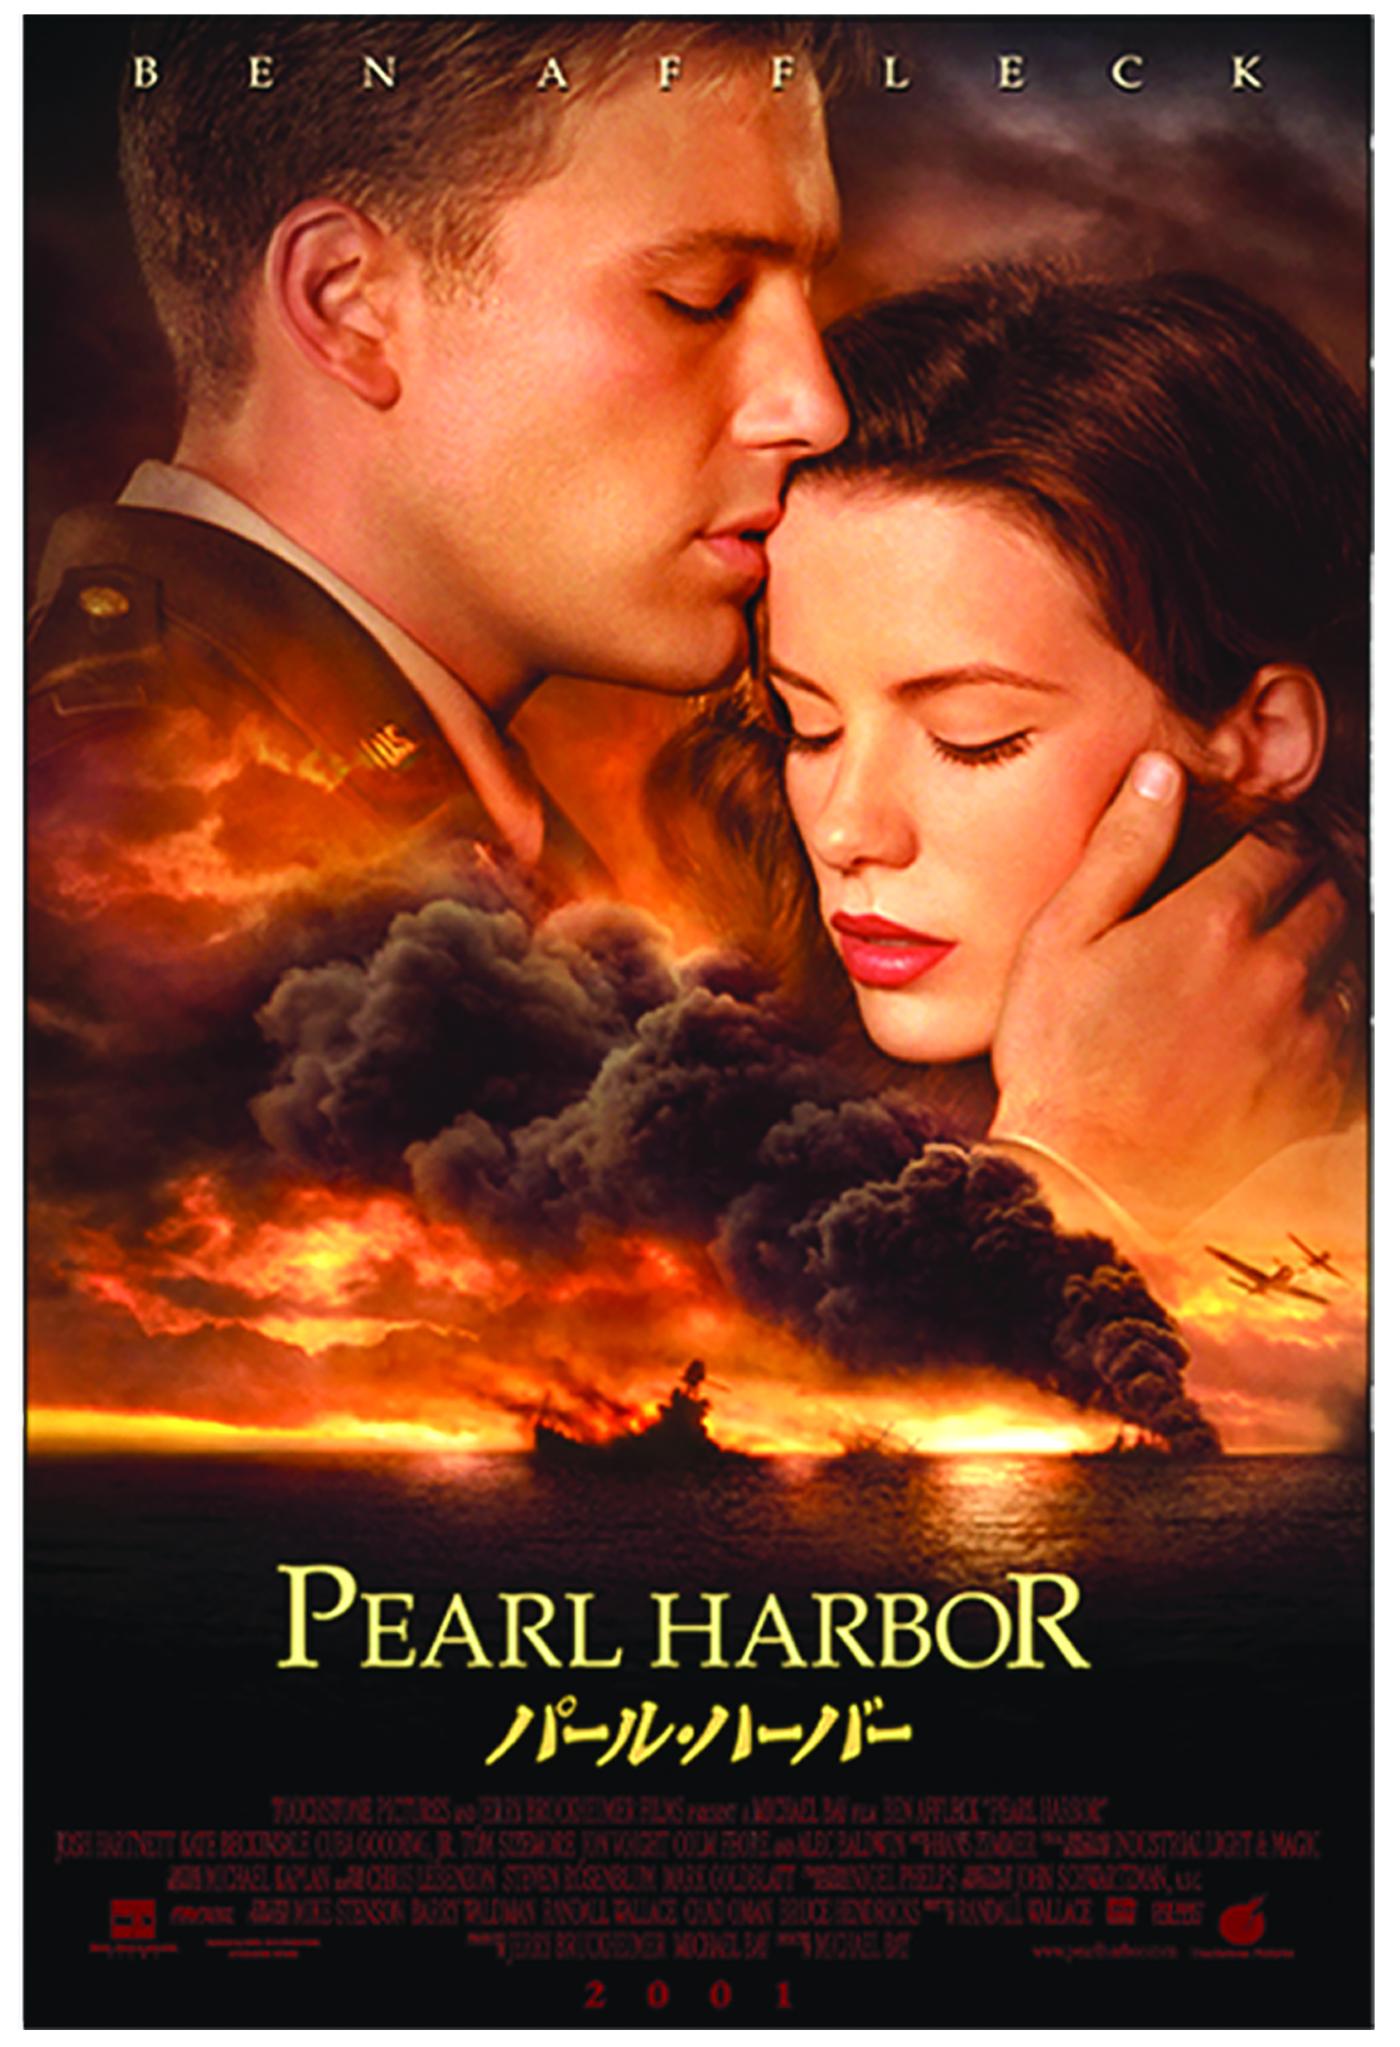 Pearl Harbor (film) Distribution : pearl, harbor, (film), distribution, Pearl, Harbor, Movie, Poster, Martha, Mundorff, Humphrey